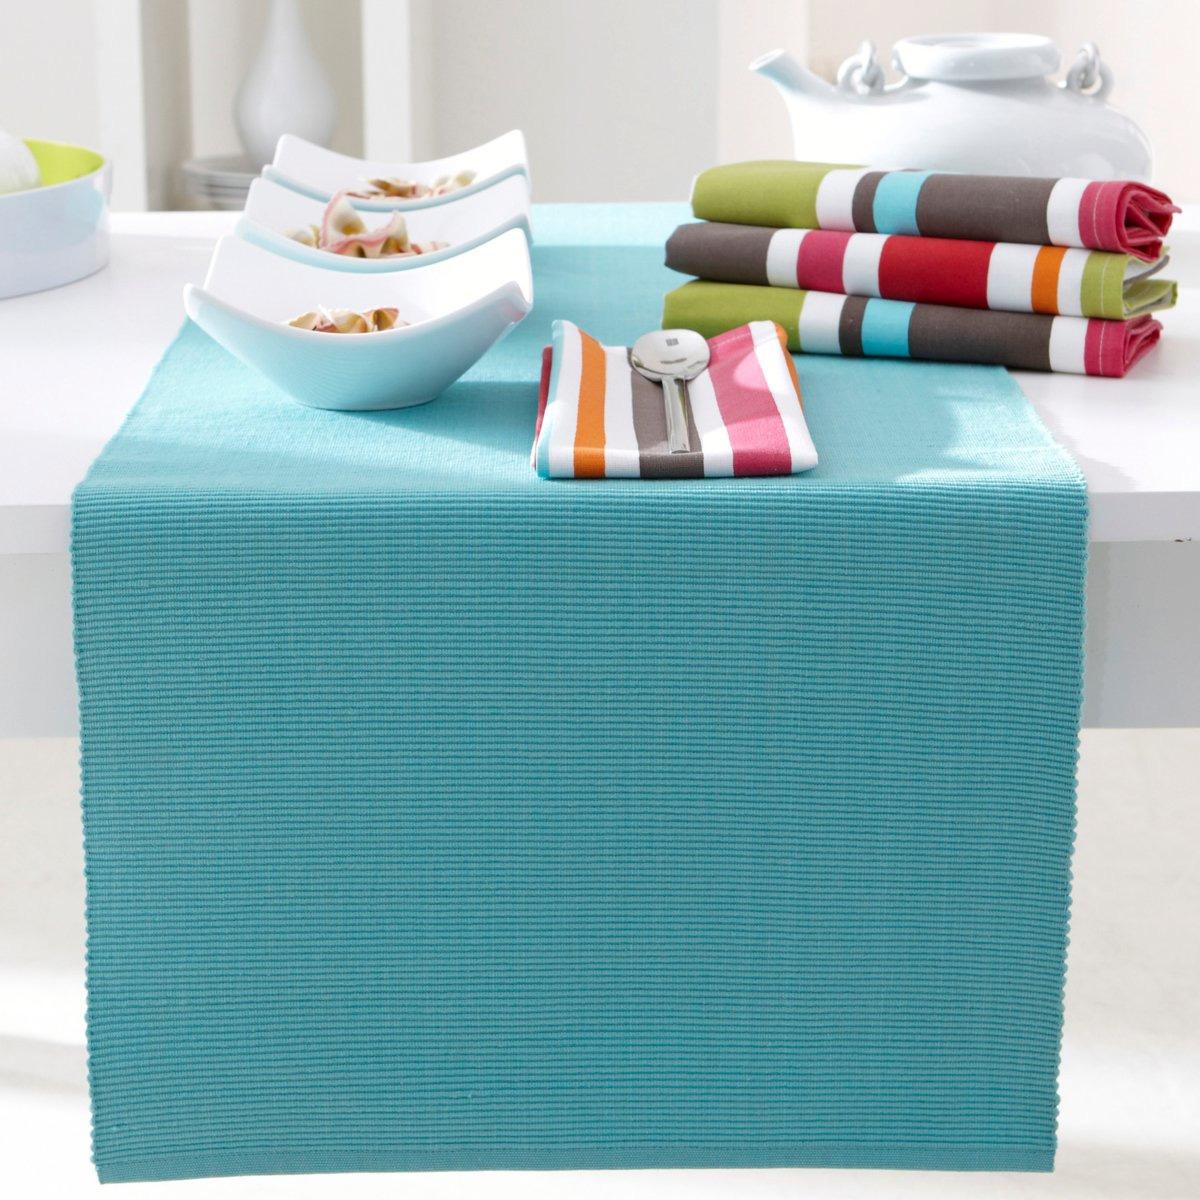 Tovaglia Da Tavola Moderna come scegliere i tessili per il tavolo: tovaglie, runner e